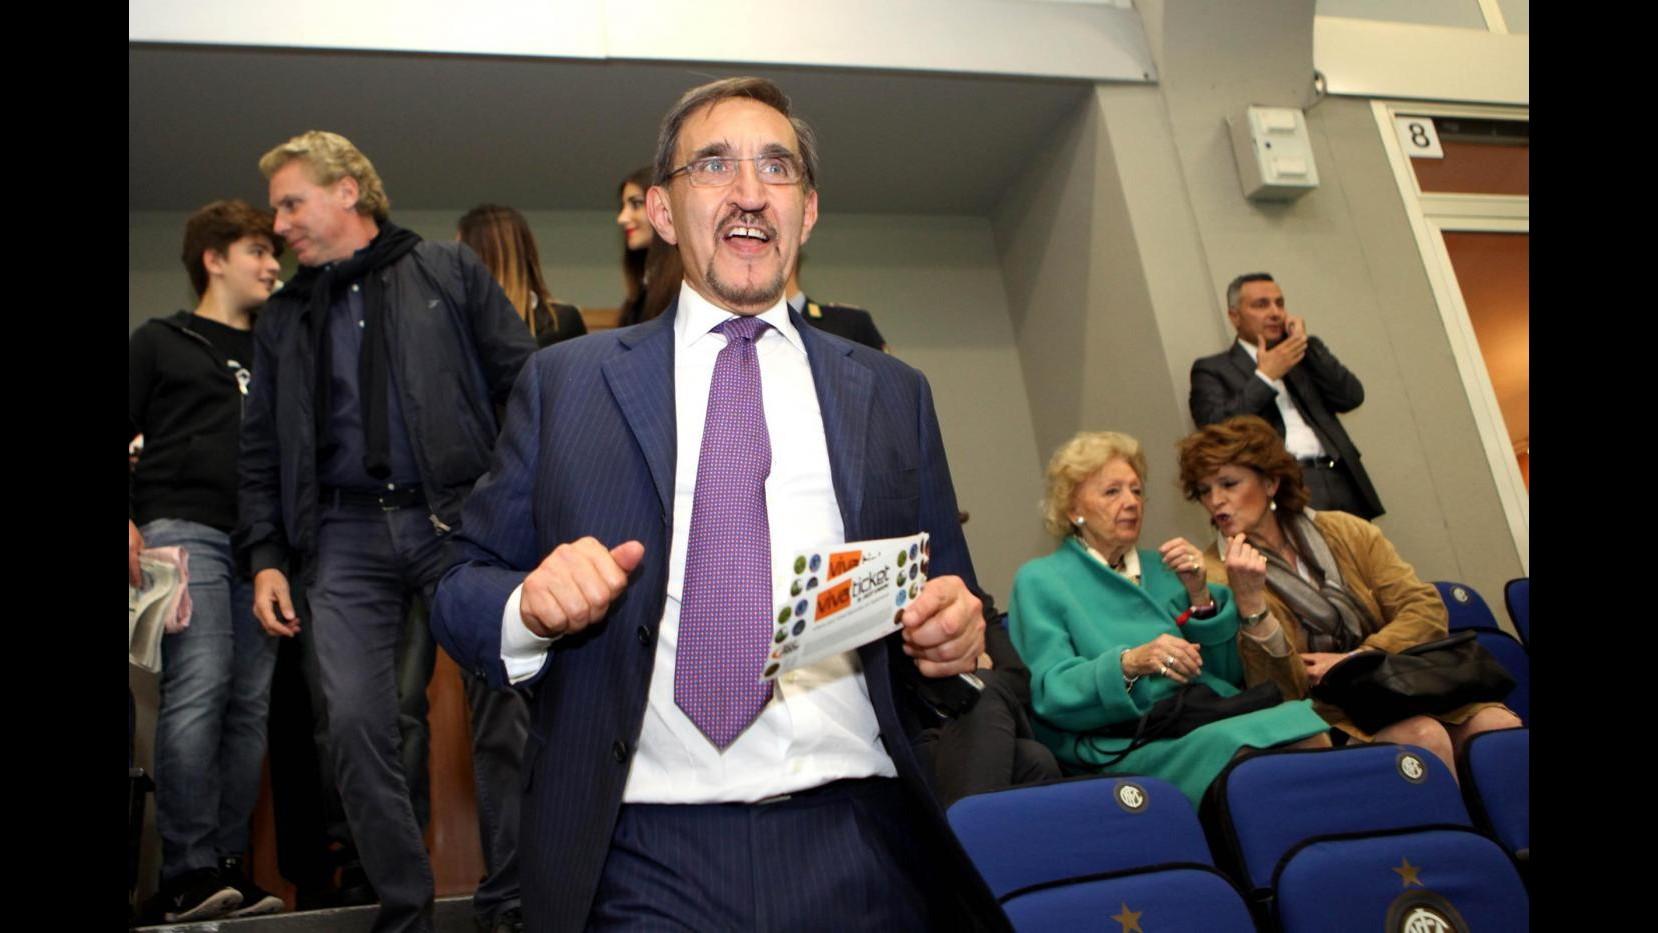 Roma, chiusa inchiesta pm per peculato su ex ministro La Russa